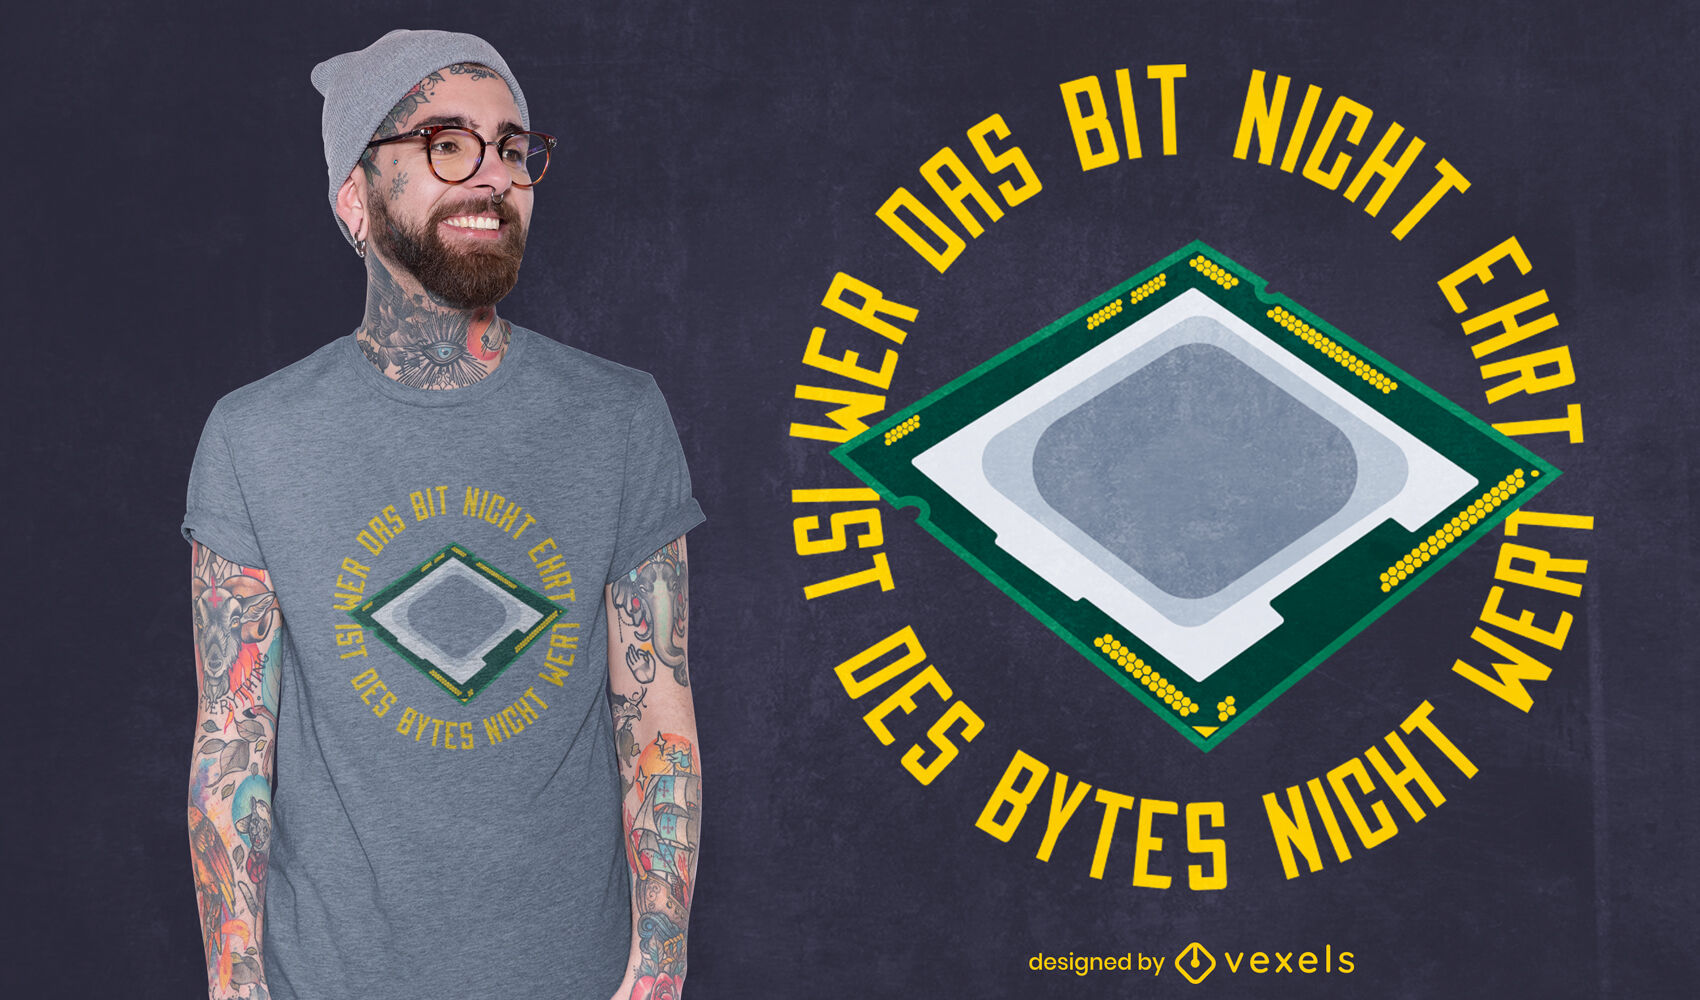 Computer chip technology t-shirt design